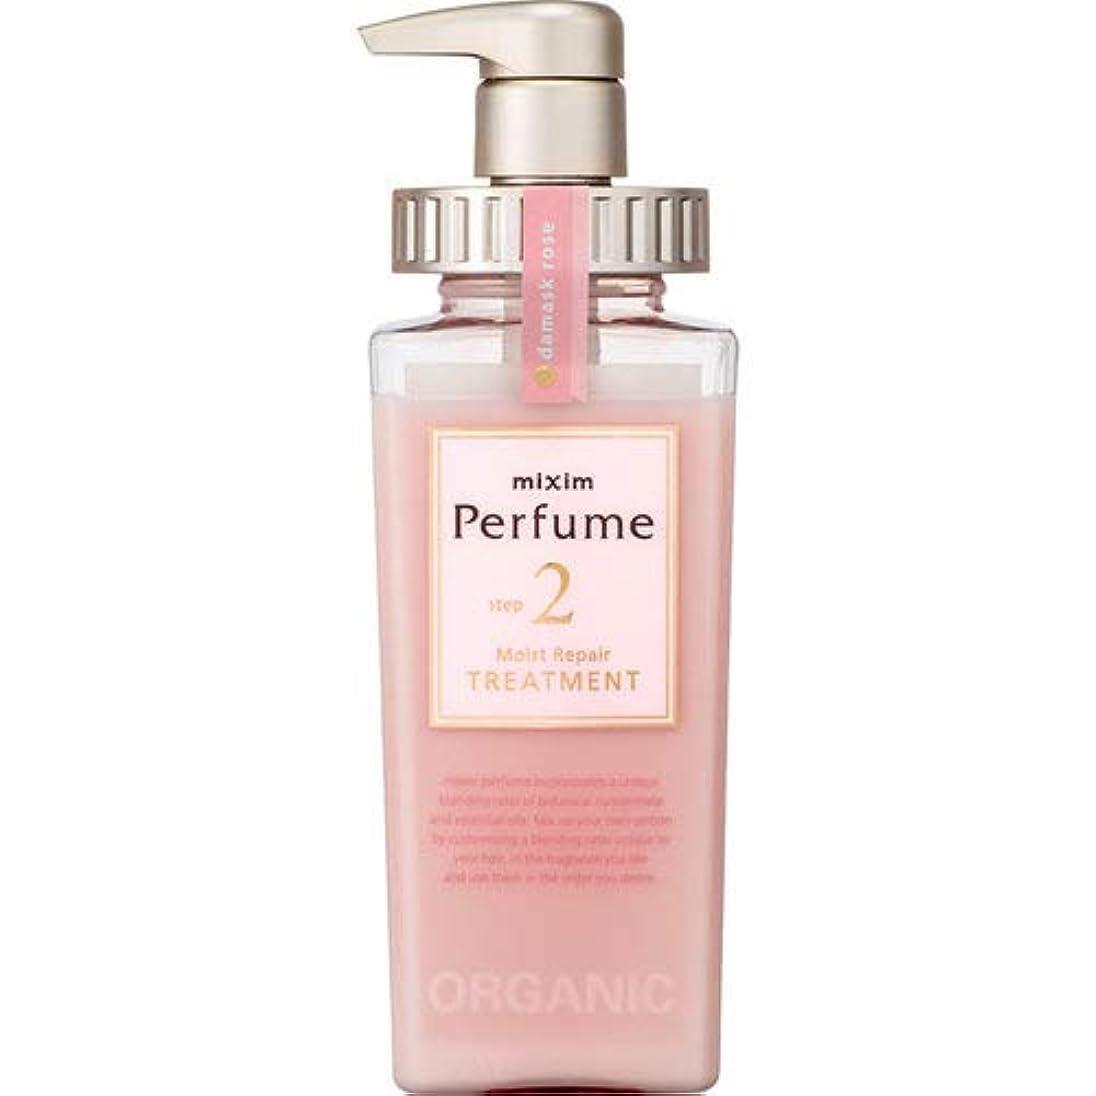 任命するピン硬さmixim Perfume(ミクシムパフューム) モイストリペア ヘアトリートメント 440g